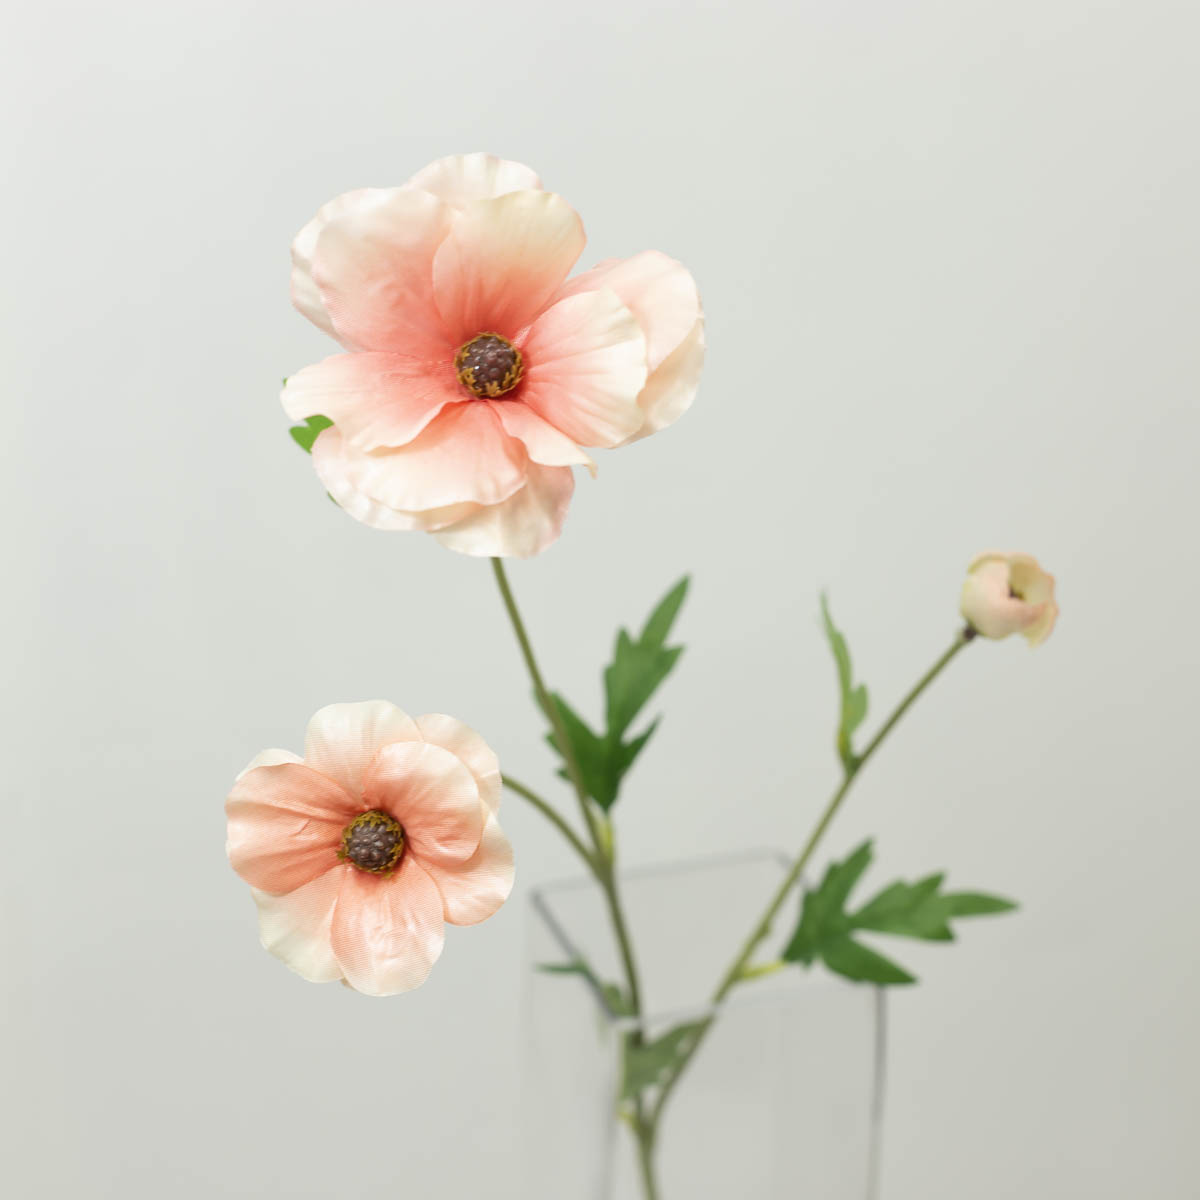 버터플라이 라넌큘러스 꽃 가지 60cm 피치